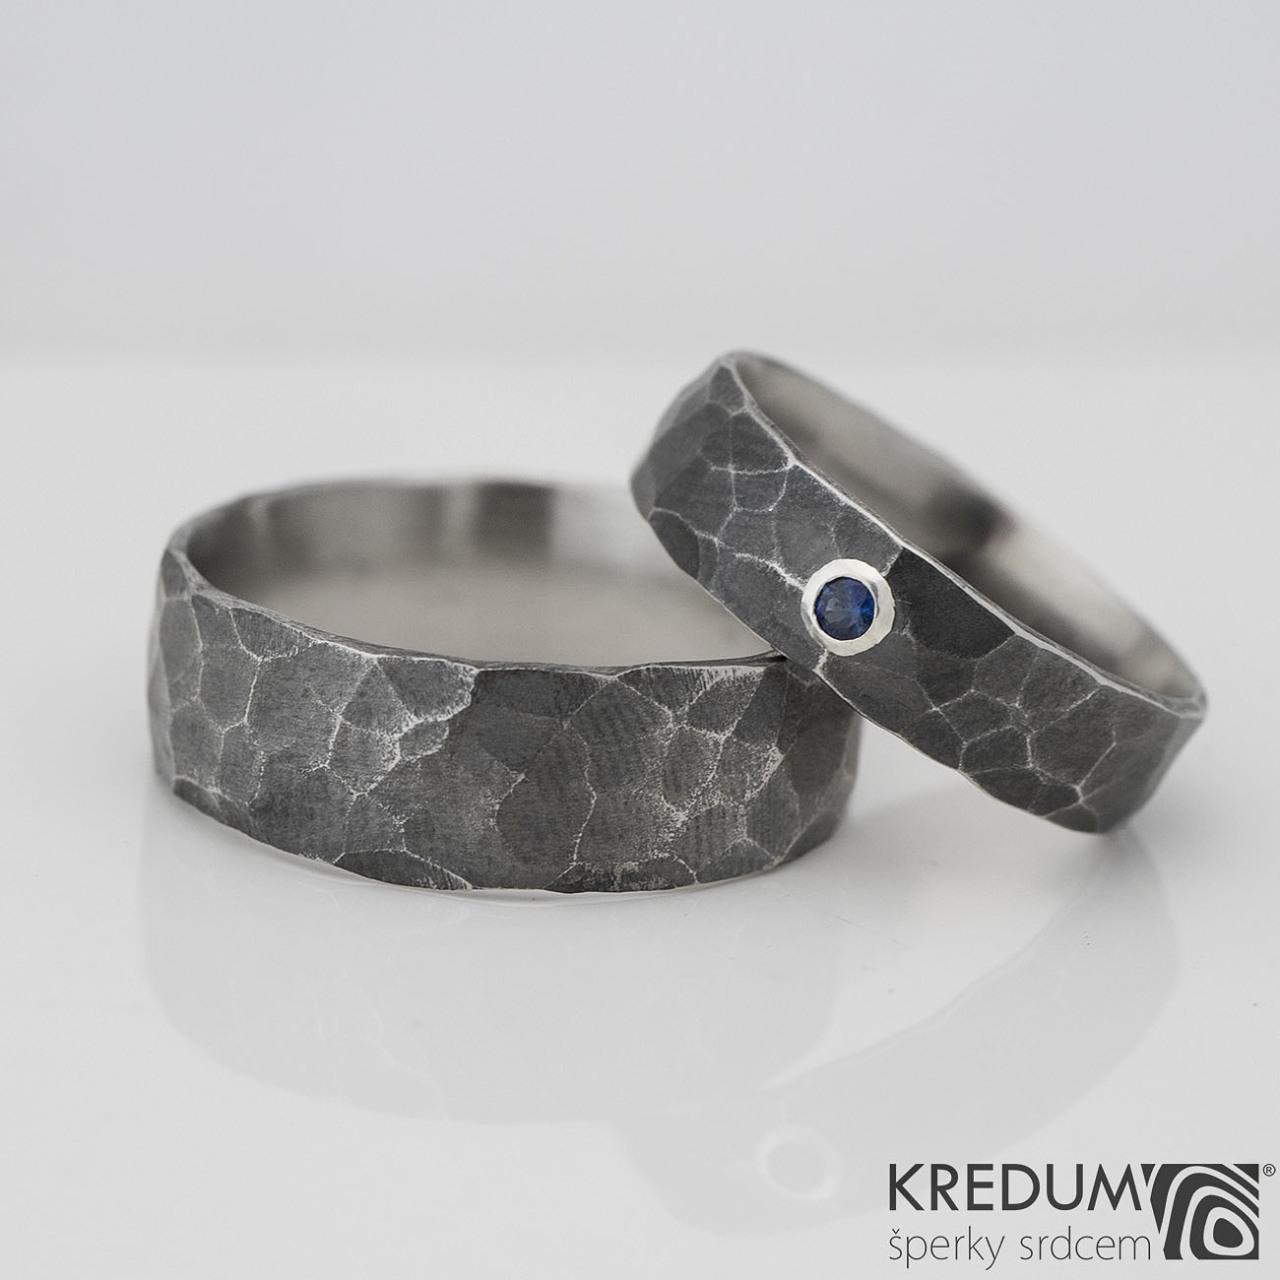 Kované snubní prsteny safír Draill